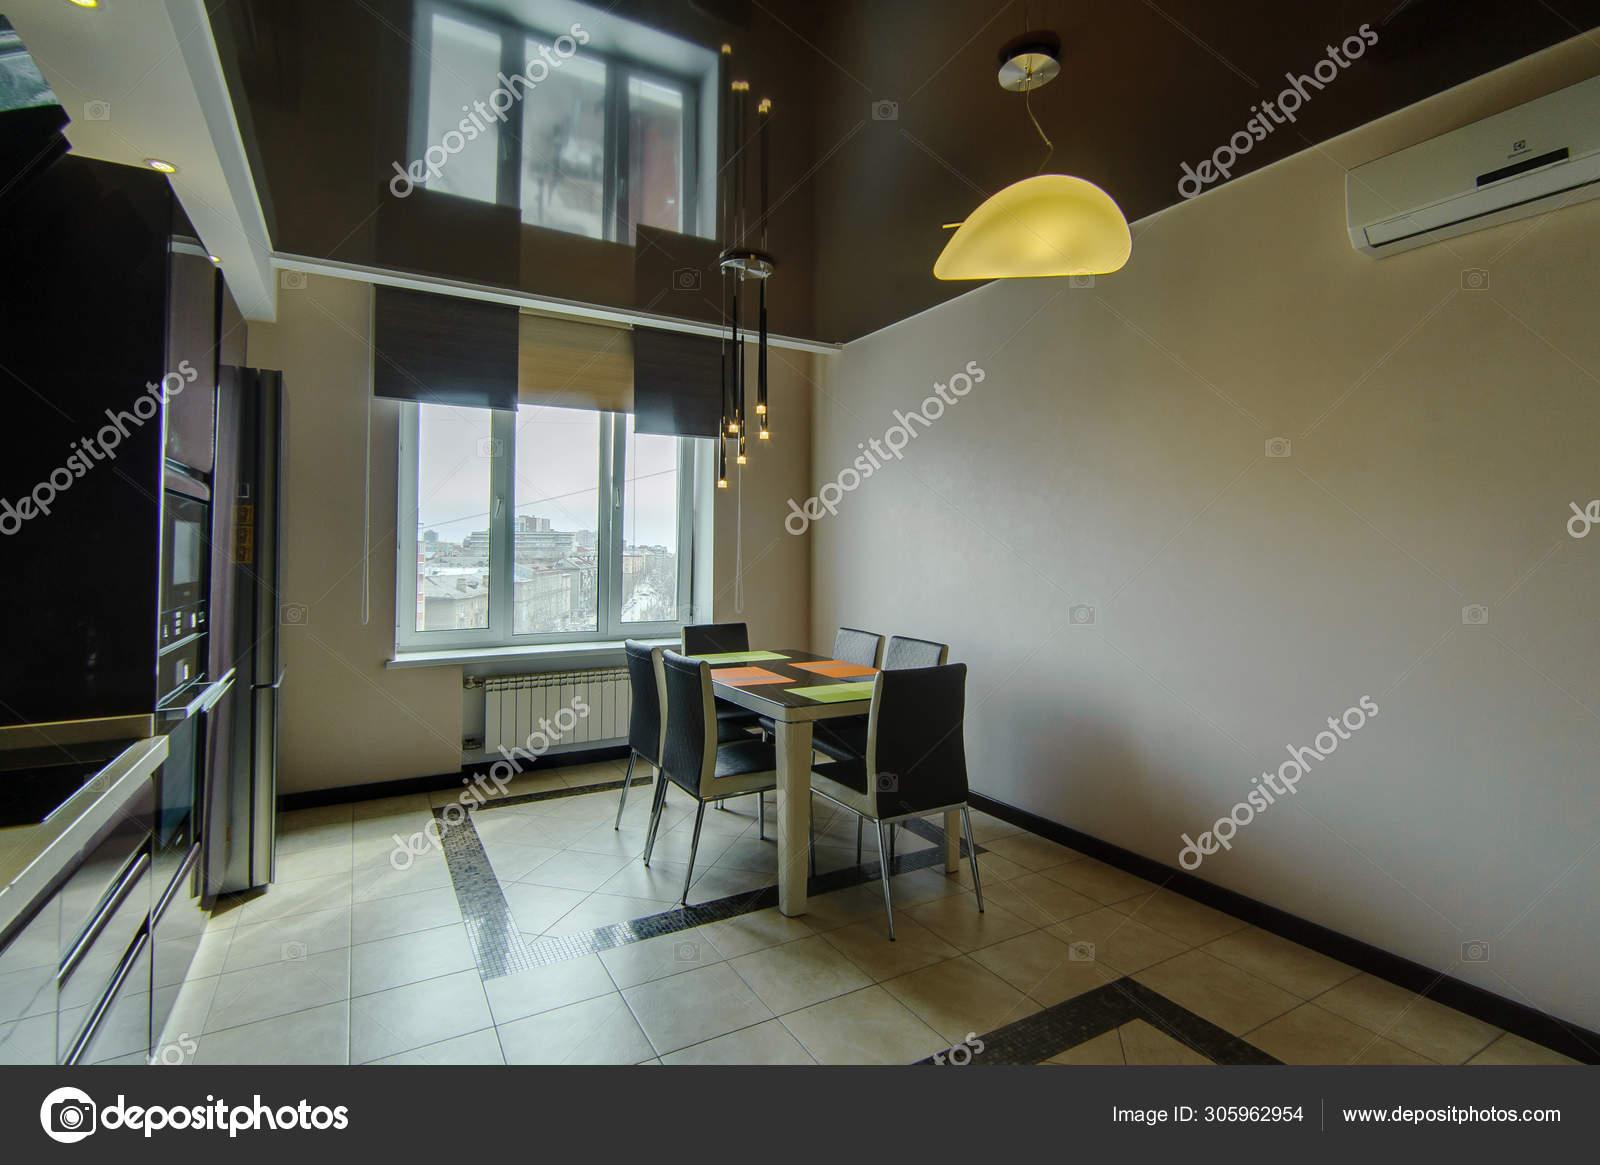 Russland Moskau Juni 2018 Innenzimmer Wohnung Standard